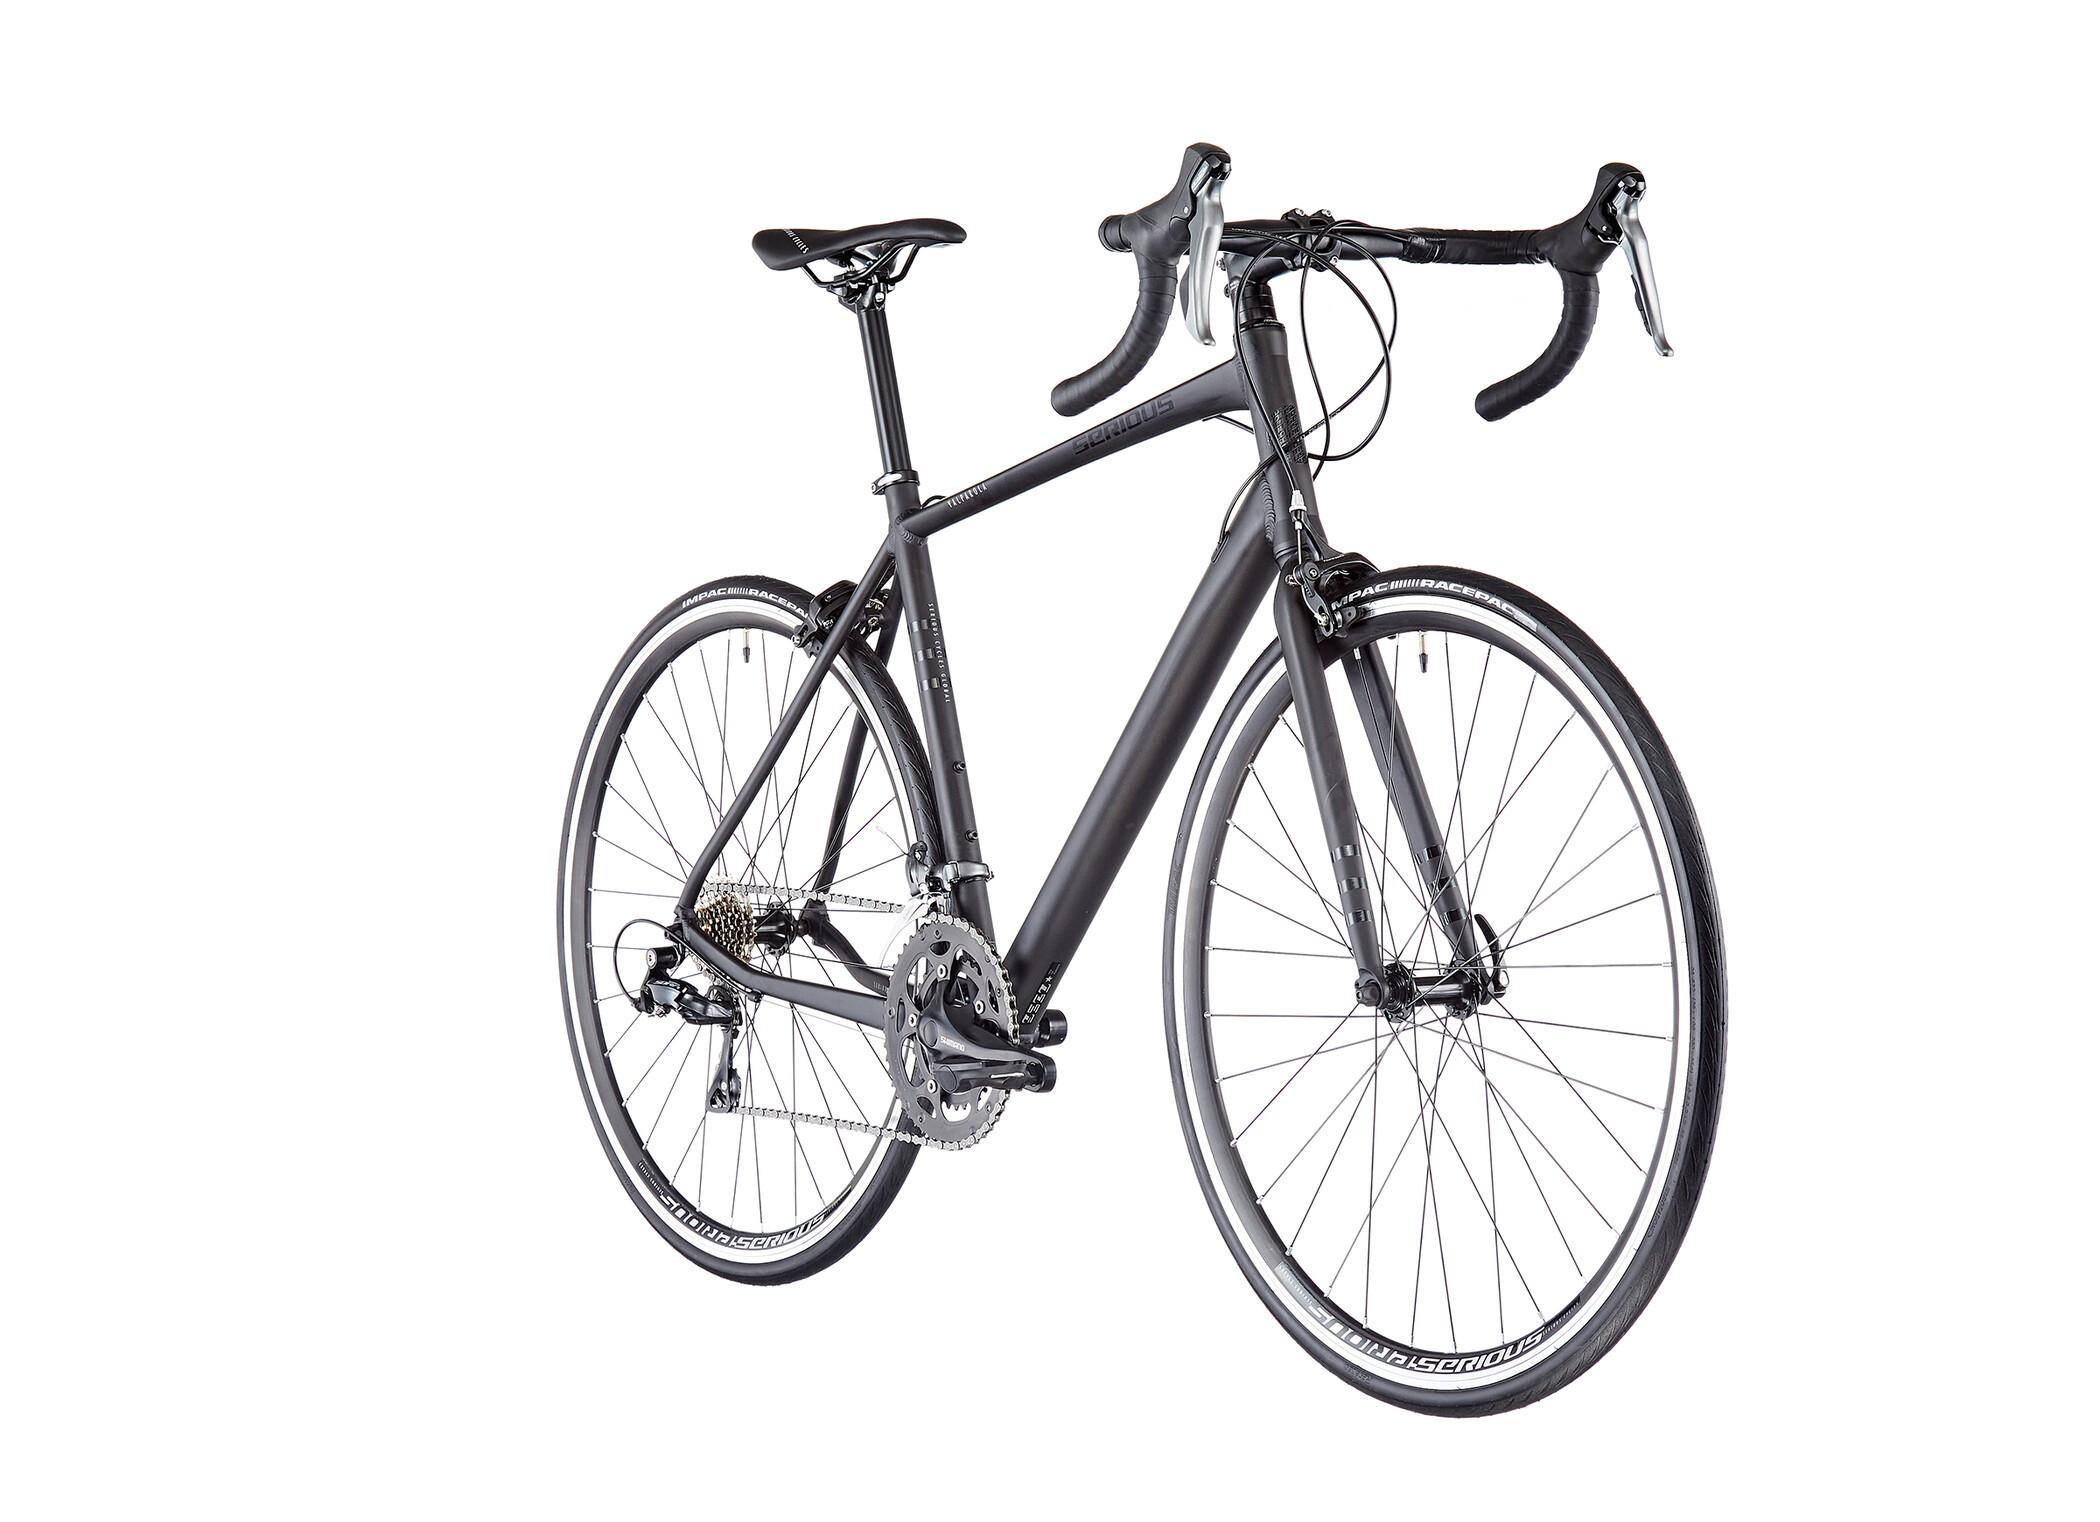 Serious Rennrad günstig kaufen | bikester.at